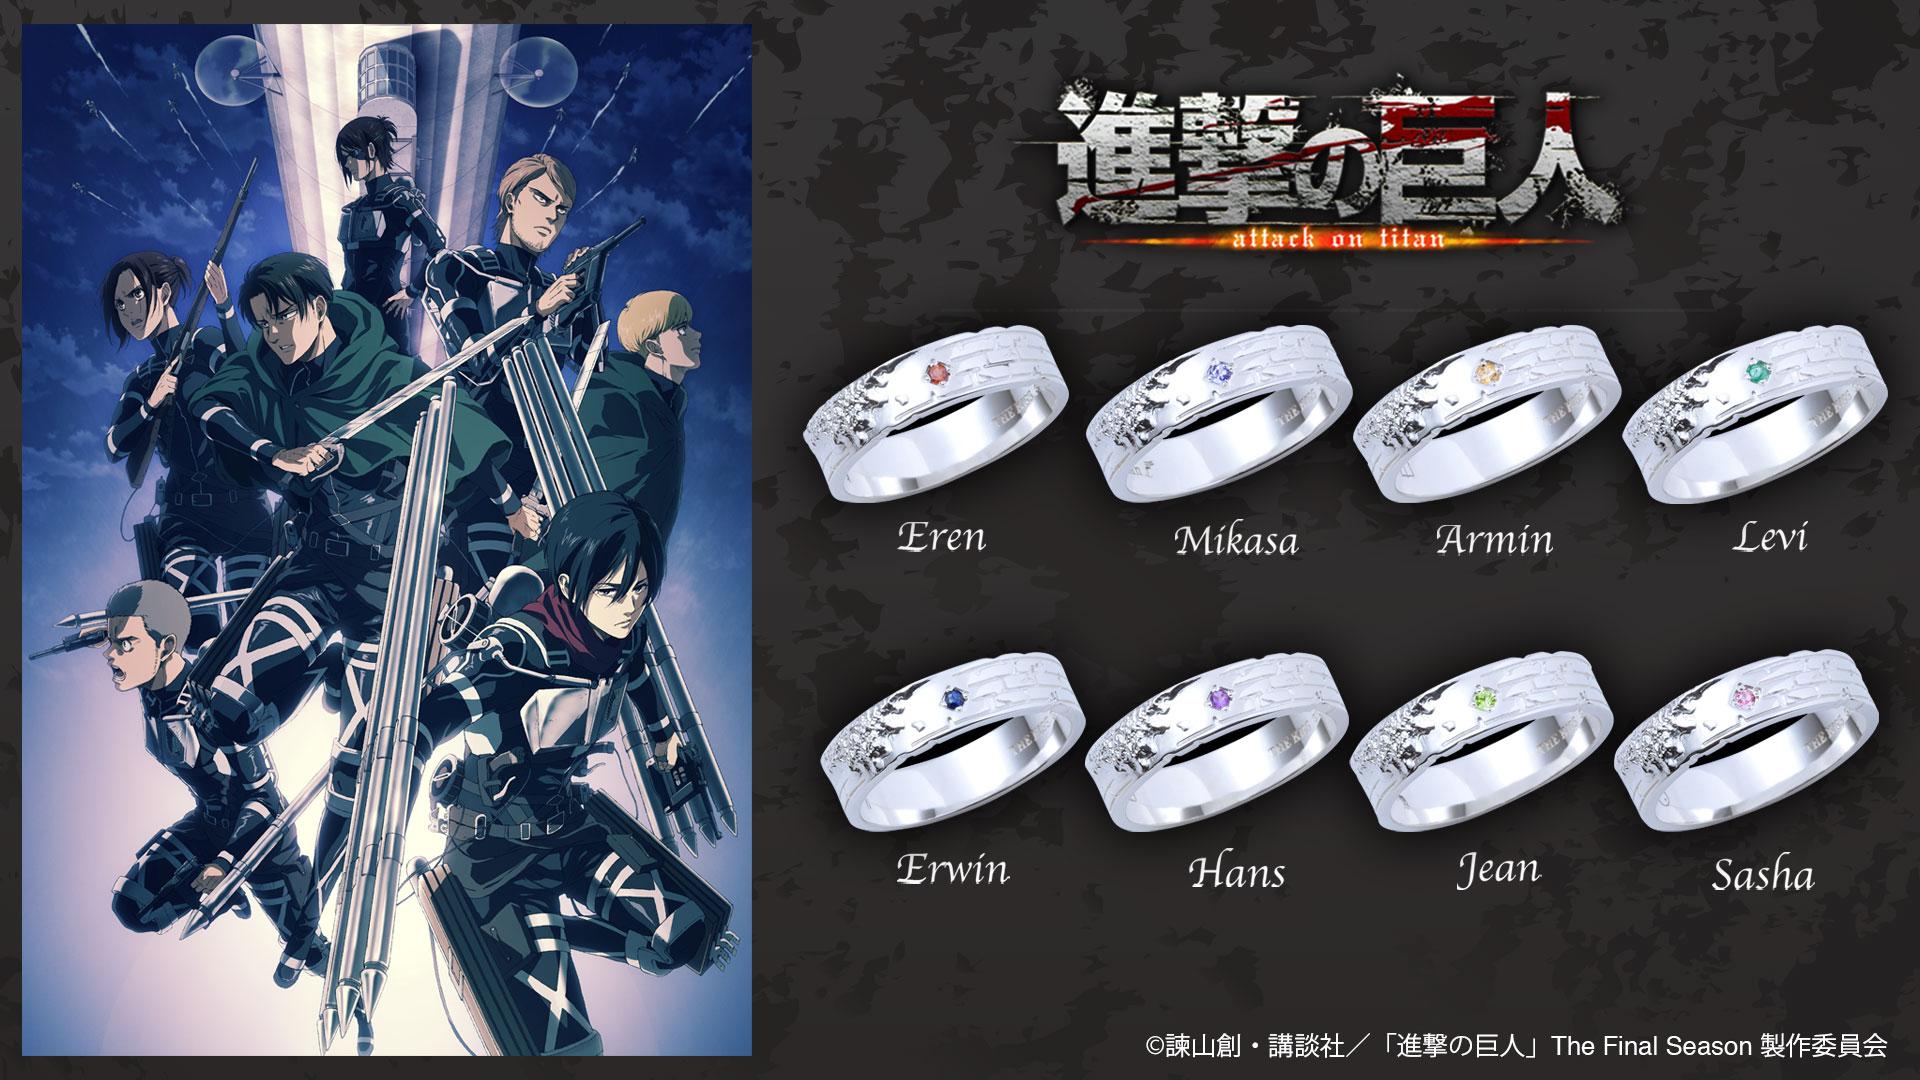 『進撃の巨人』コラボジュエリー第二弾 11/26(木)から受注販売開始!